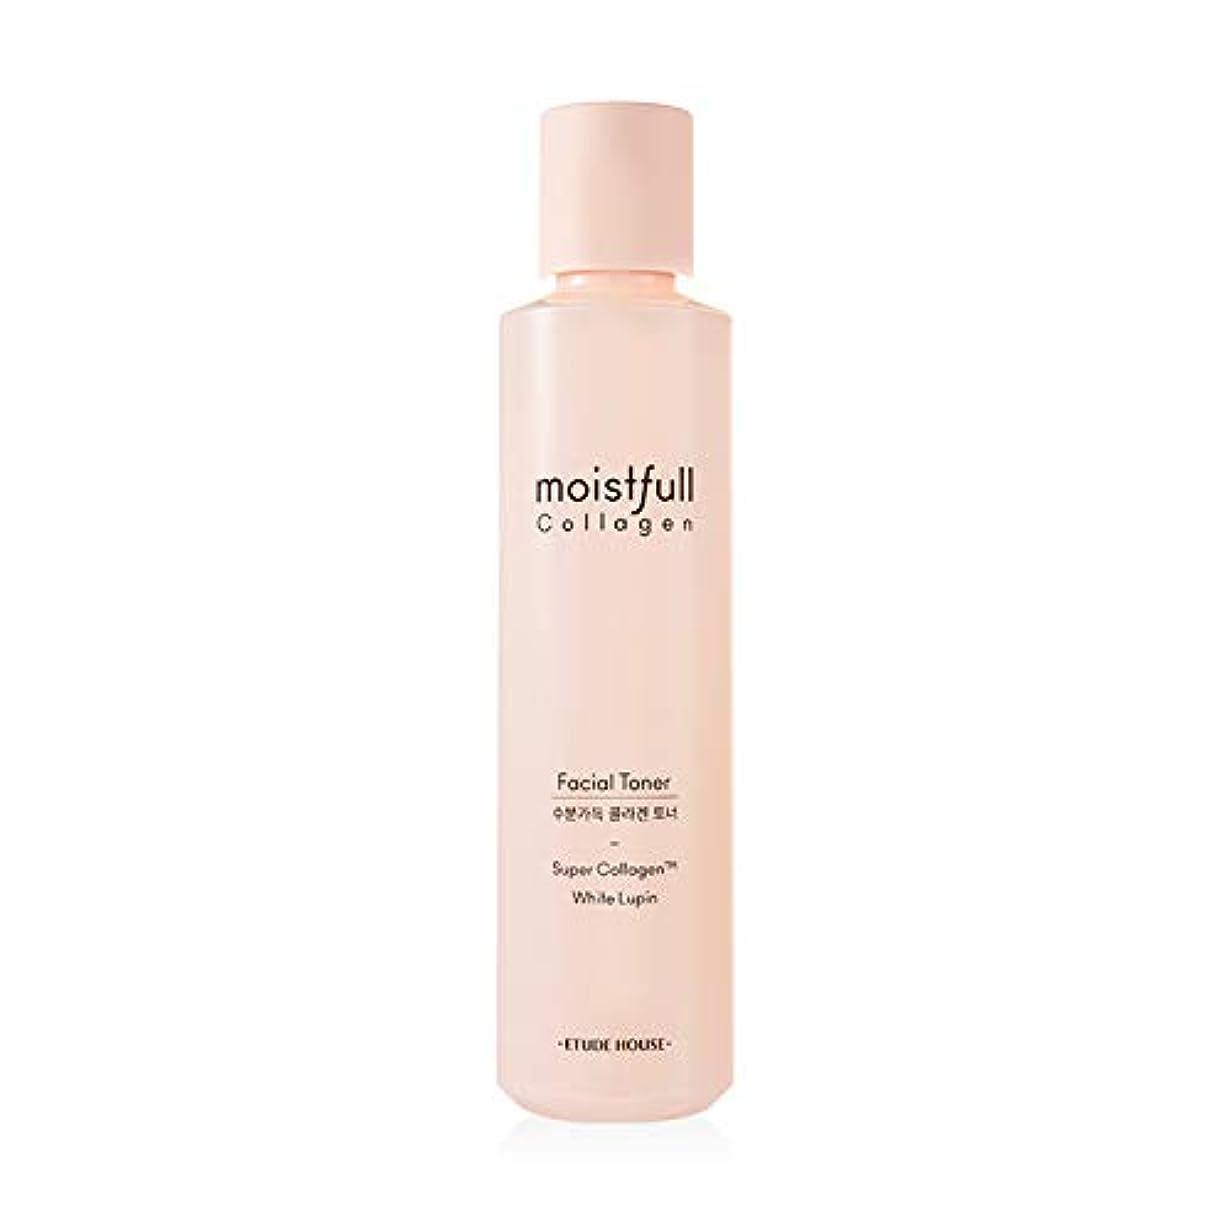 発掘するネーピア社会科エチュードハウス モイストフルCL トナー(化粧水) 200ml / ETUDE HOUSE Moistfull Collagen Skin 200ml [並行輸入品]